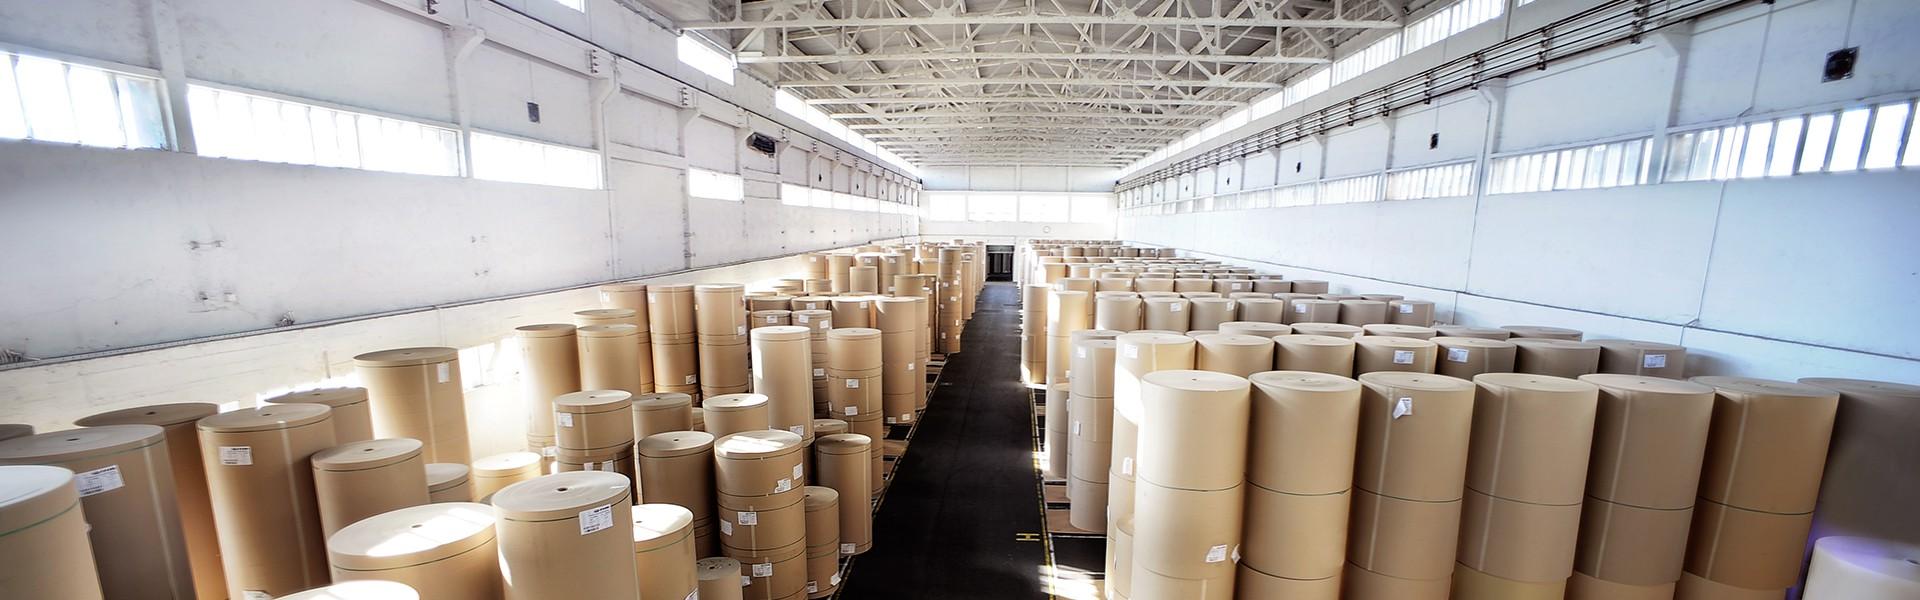 Belgrade Paper Factory